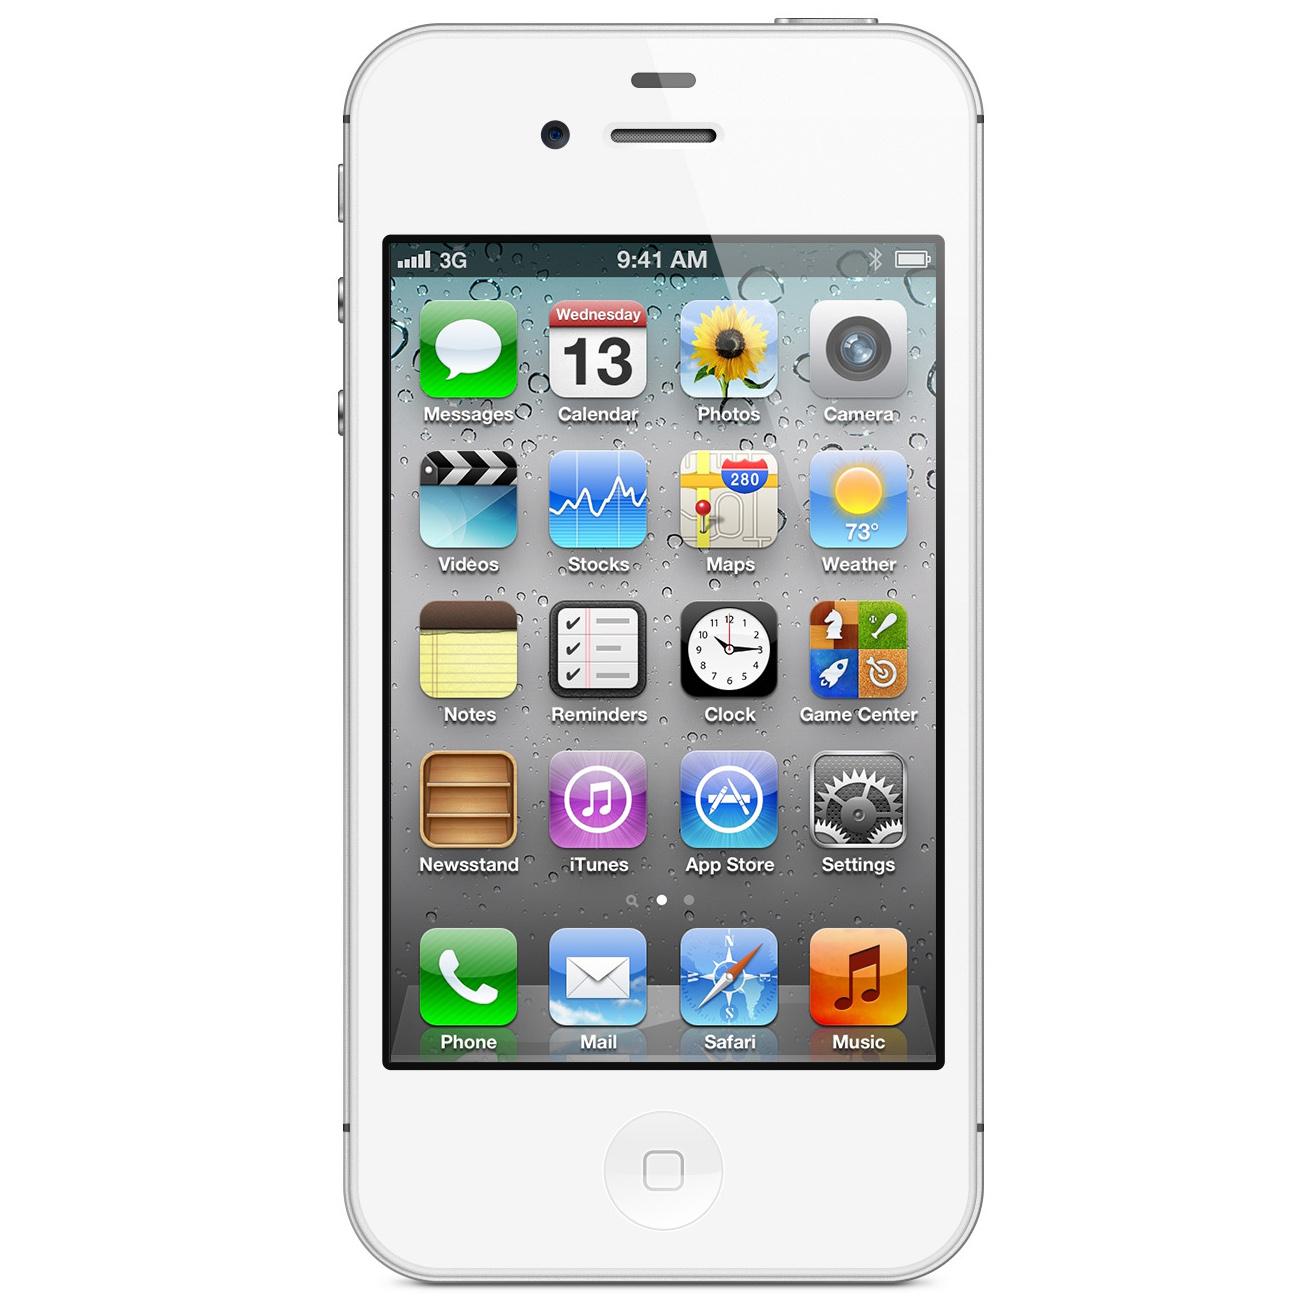 Купить айфон 4 за 16 защитное стекло на айфон 6 купить спб